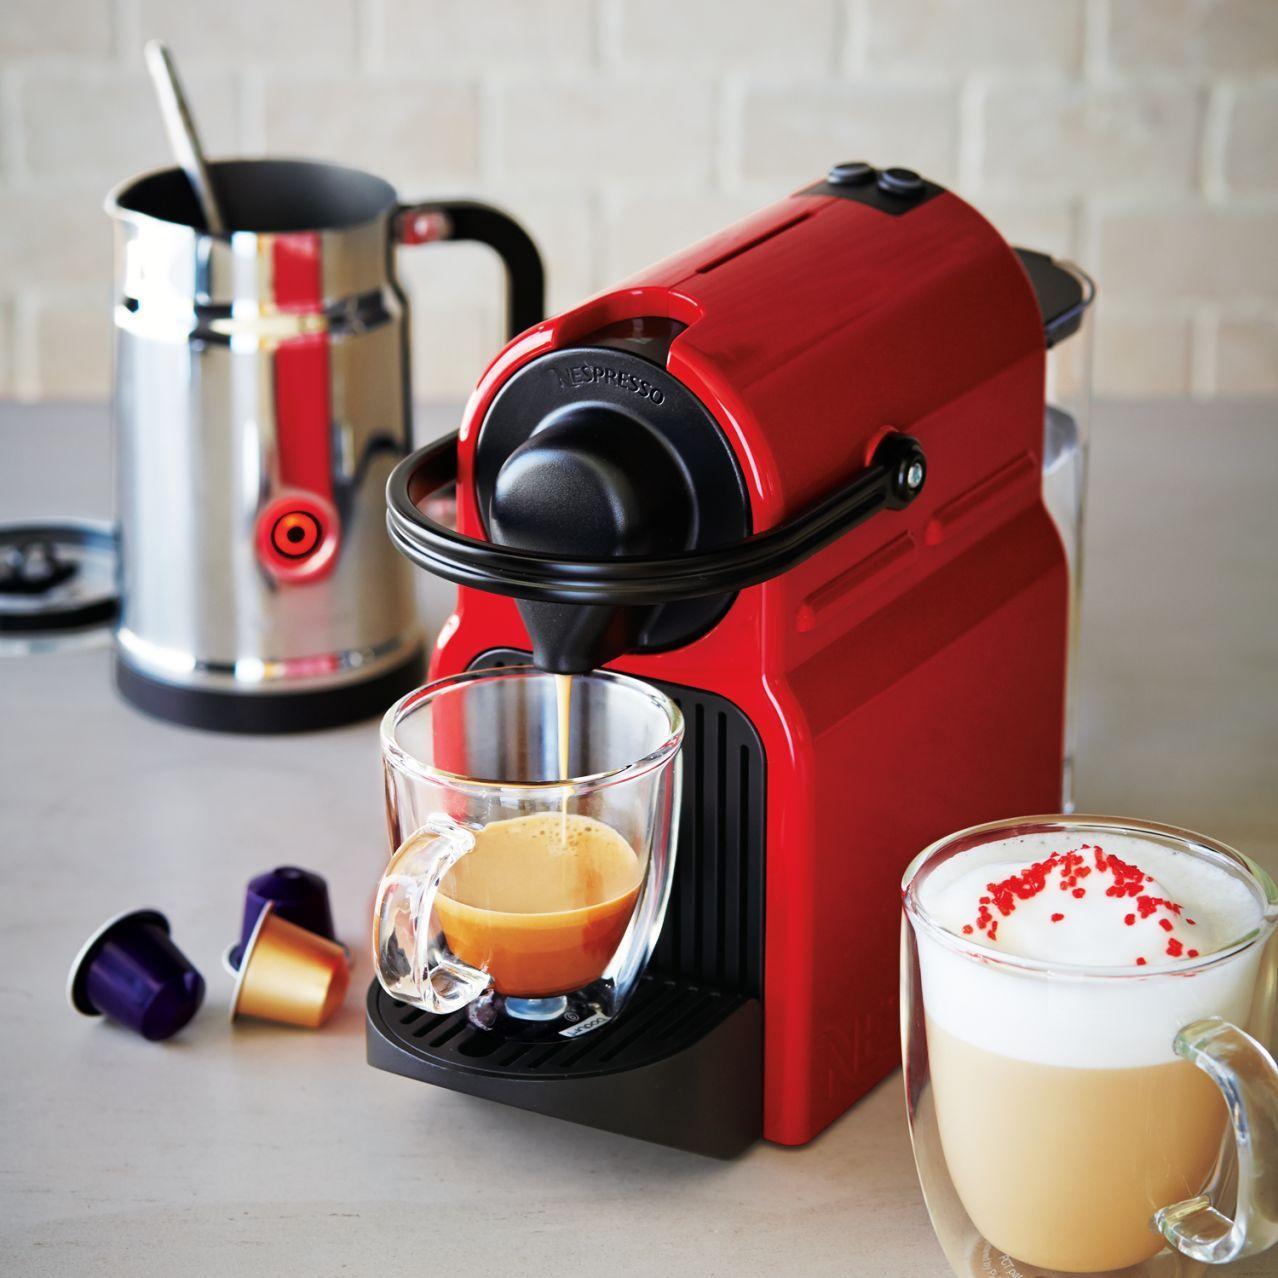 Nespresso Inissia Espresso Machine with Aeroccino Milk